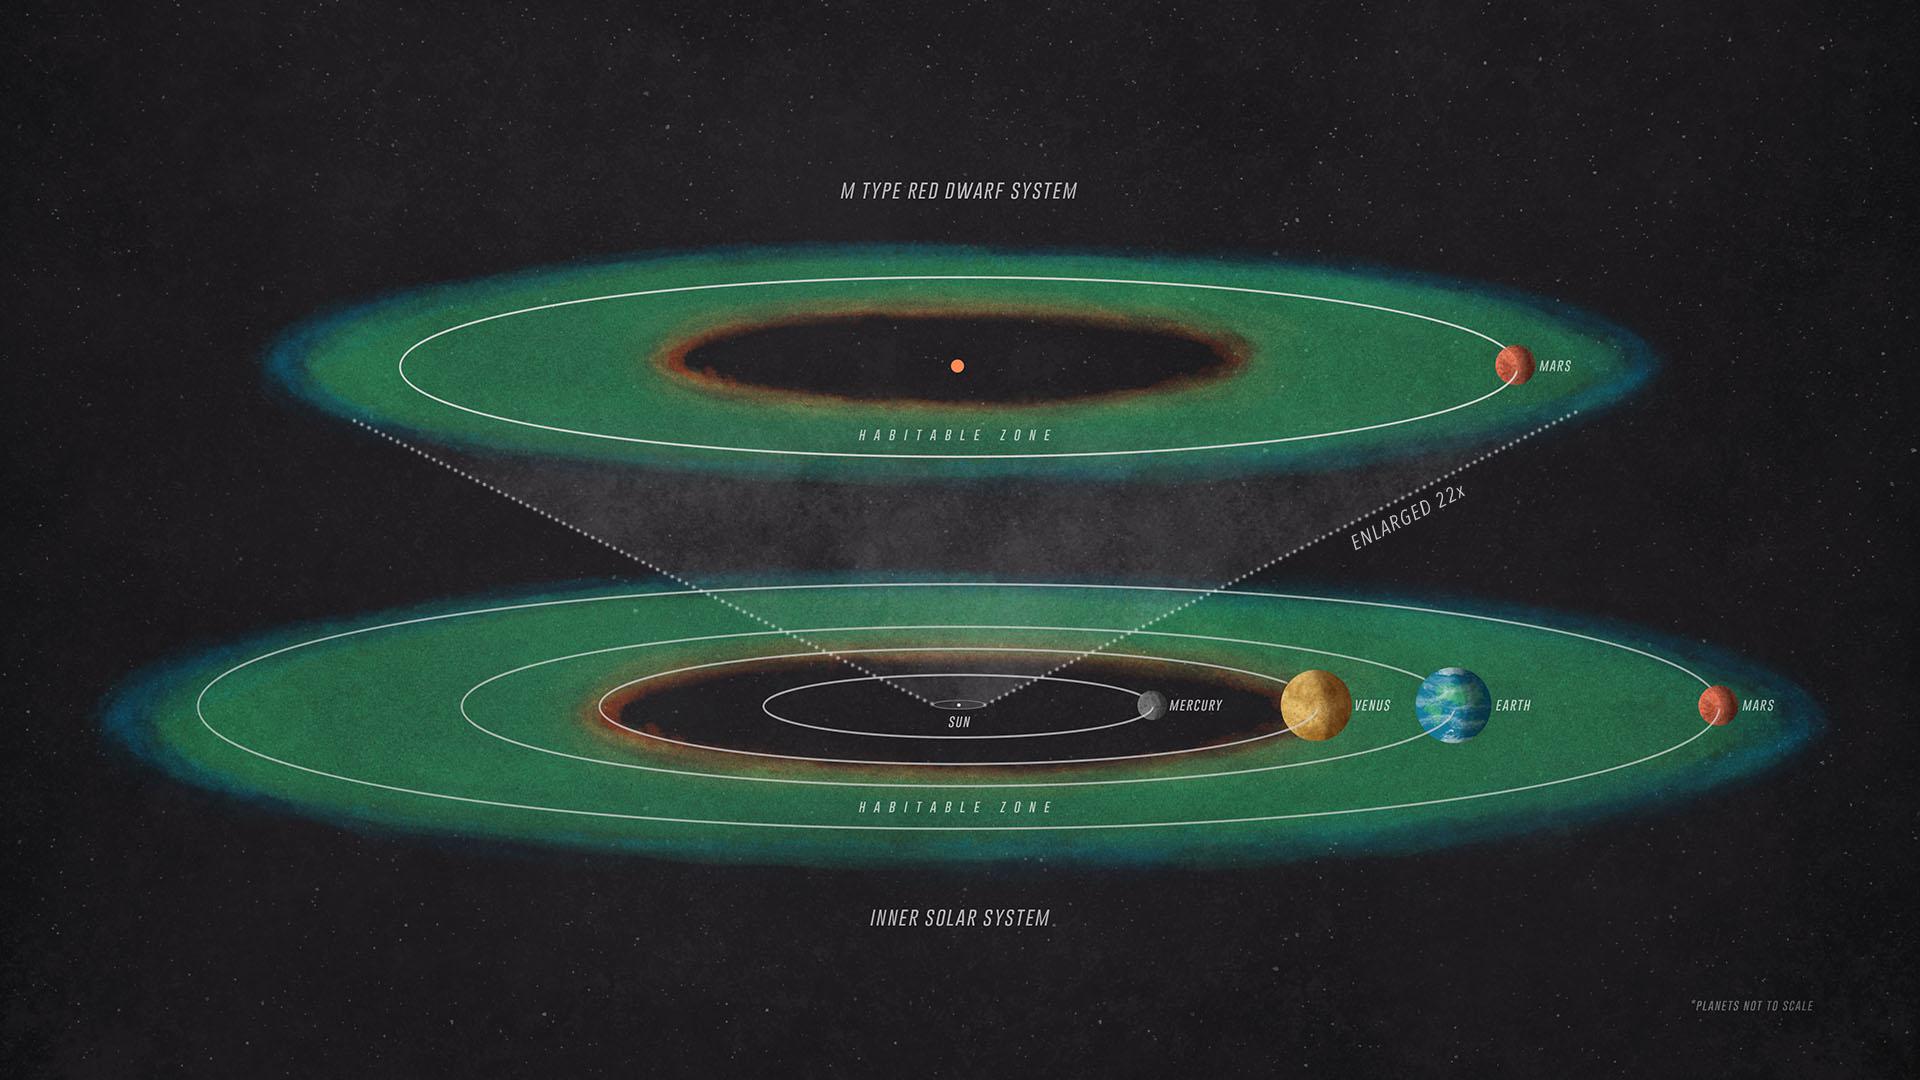 Данные зонда NASA MAVEN помогут астрономам отыскать инопланетную жизнь на иных мирах